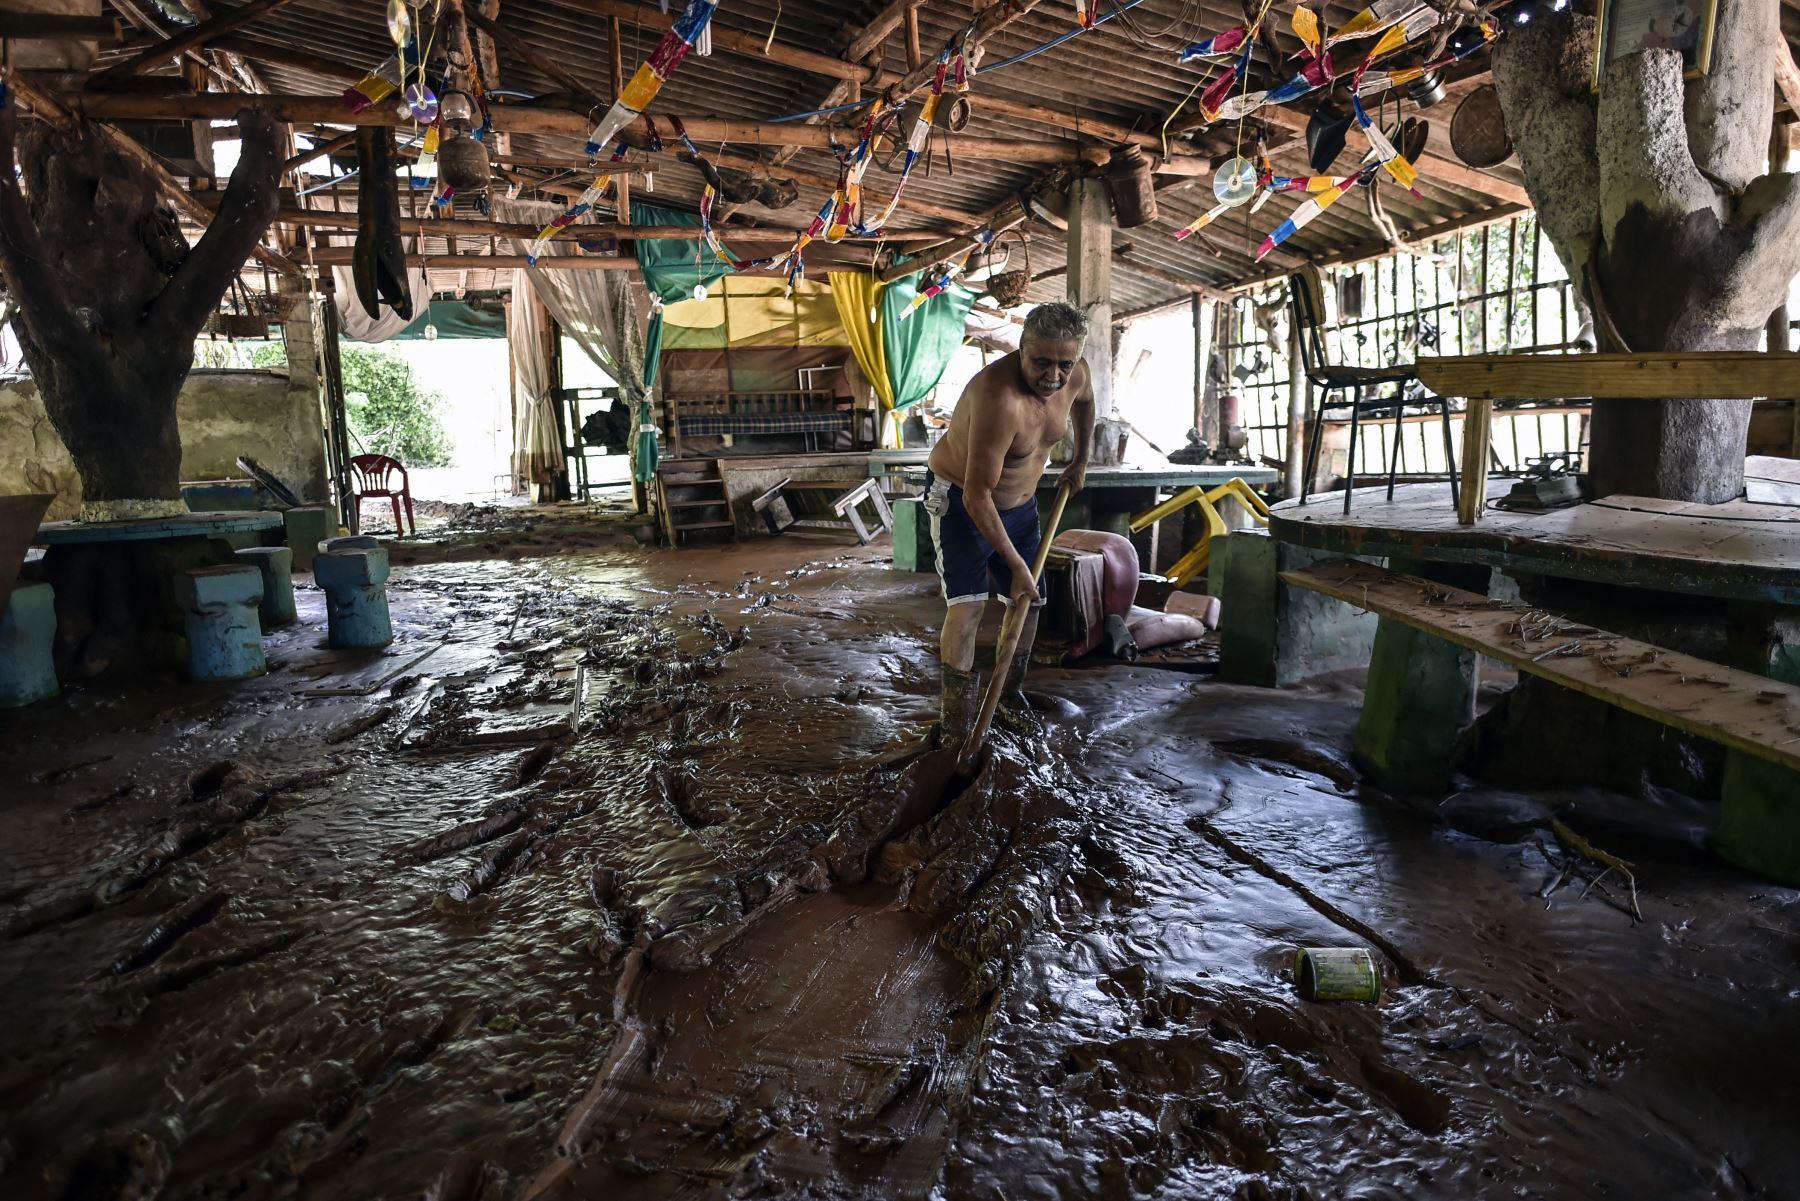 Un hombre limpia en un restaurante después del desbordamiento del río Das Velhas en Sabara, Belo Horizonte, estado de Minas Gerais, Brasil. AFP